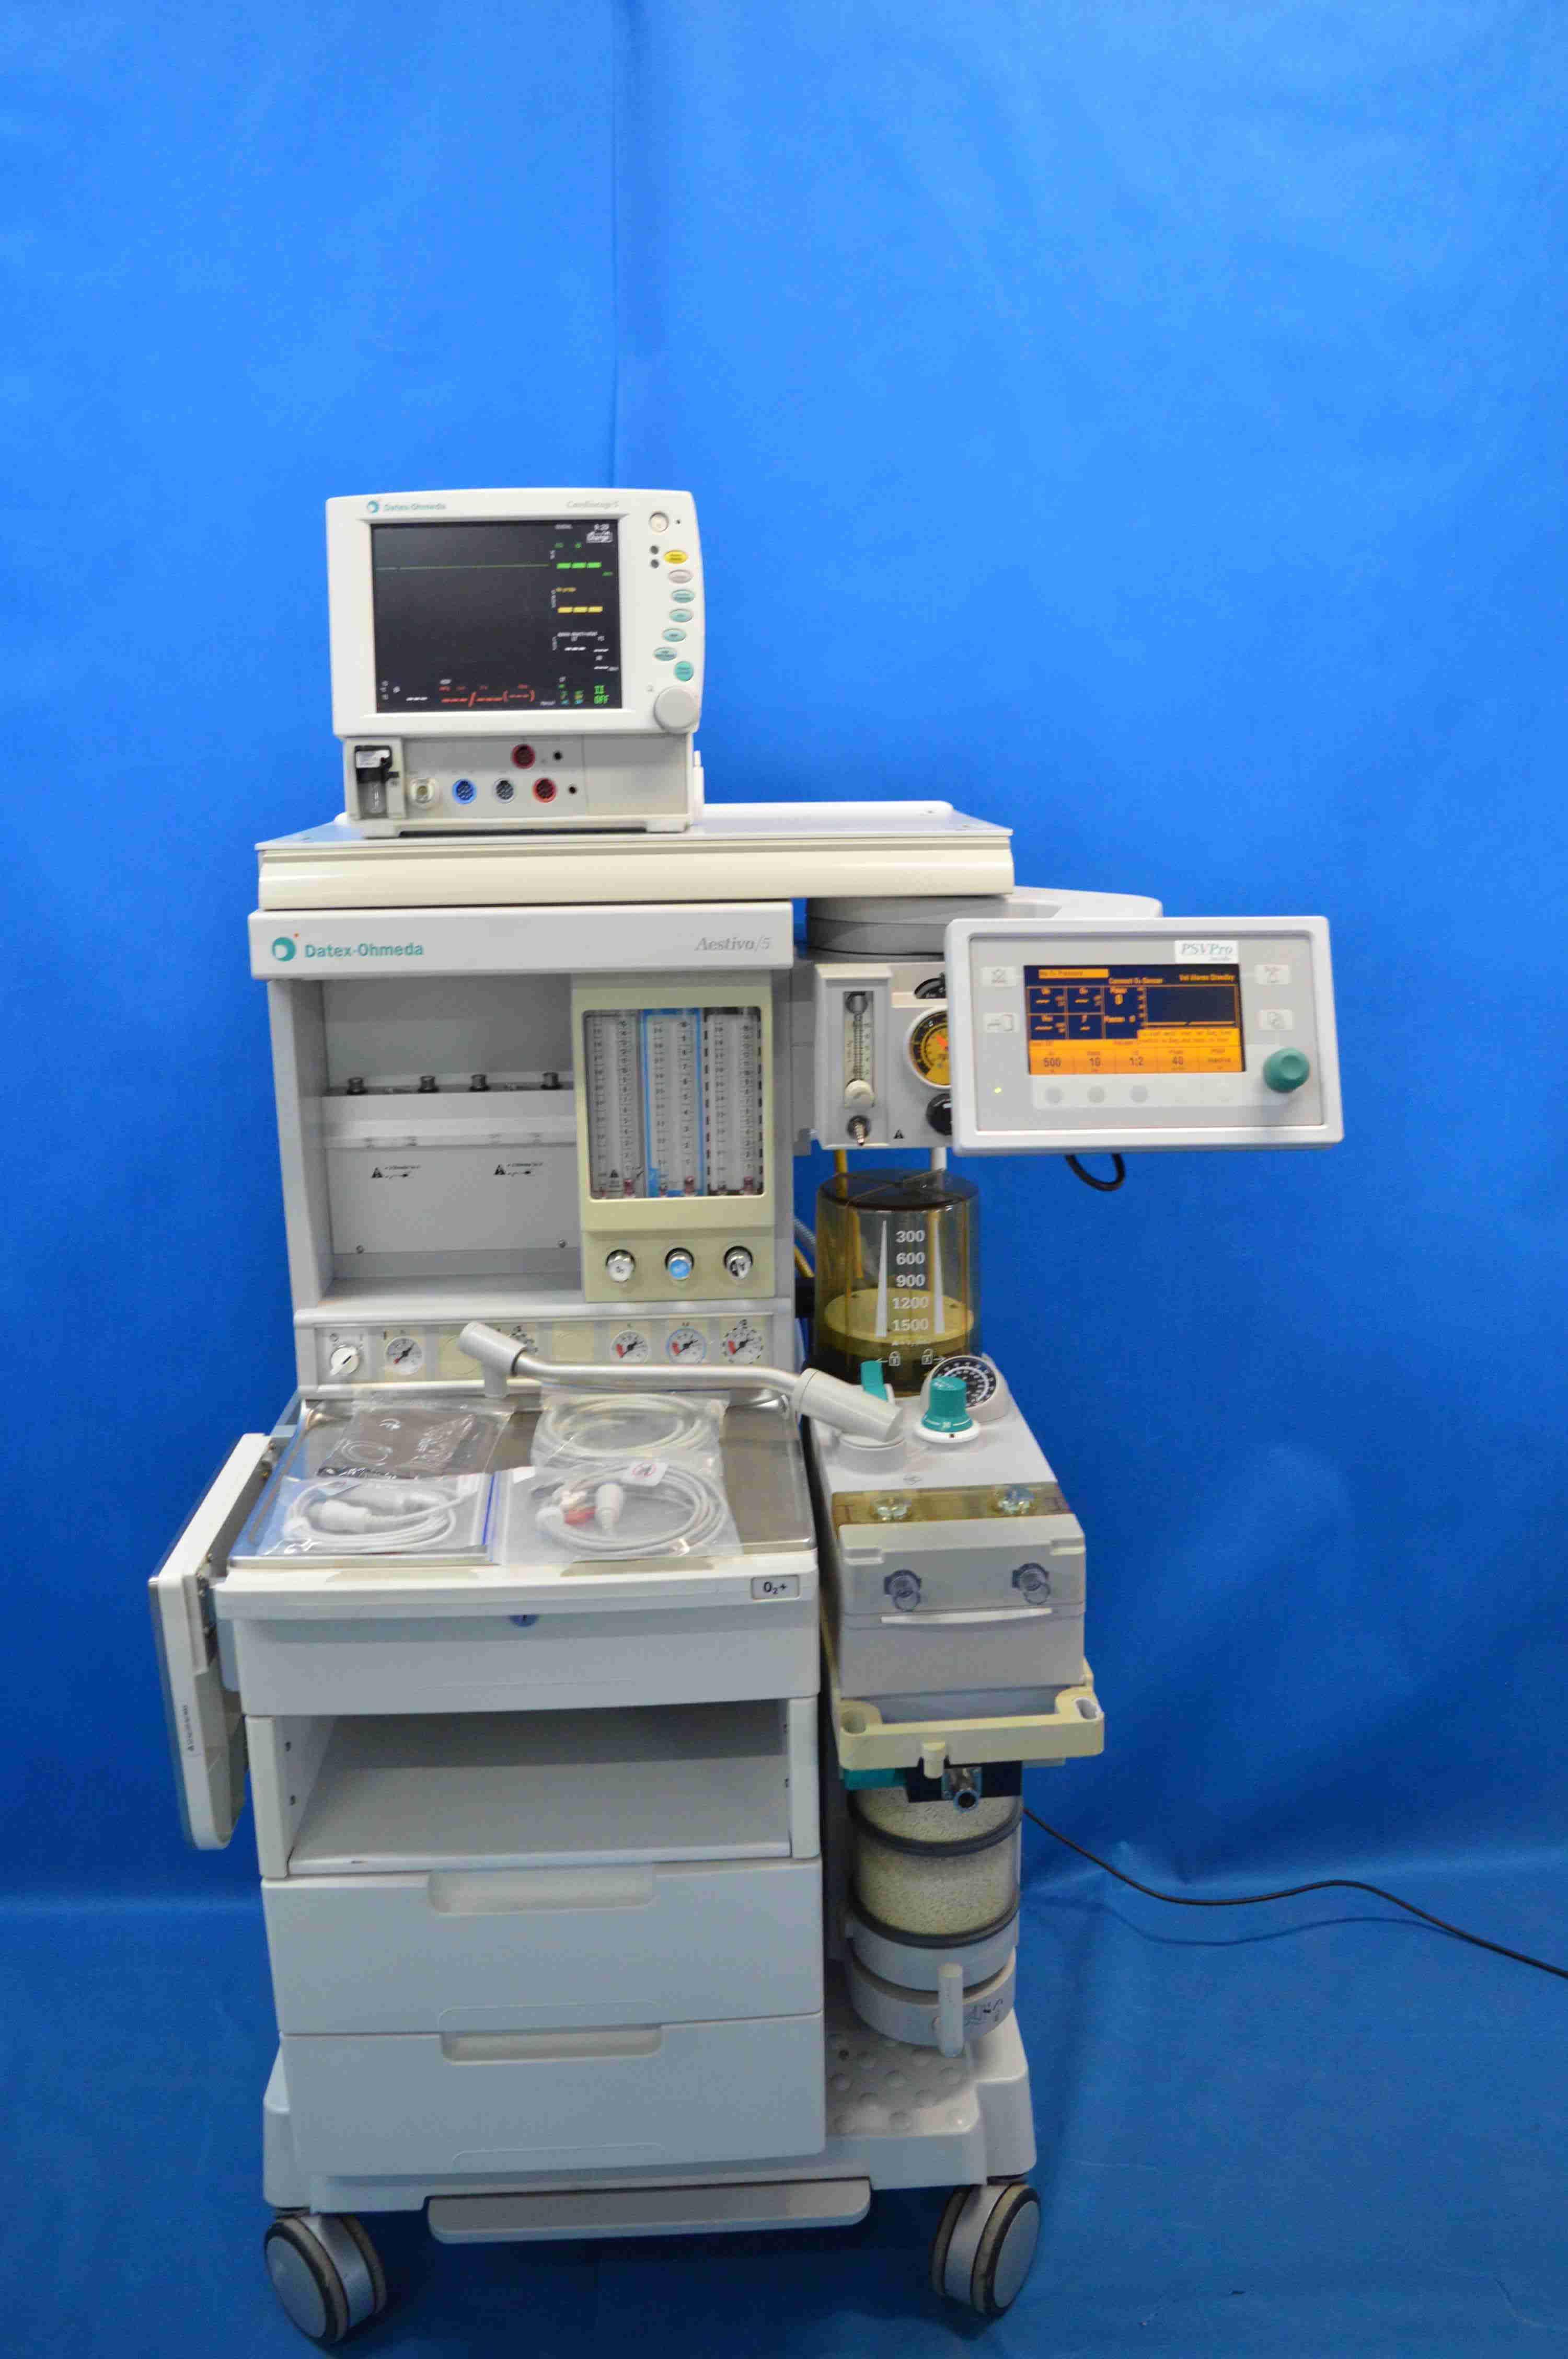 aestiva 5 anesthesia machine